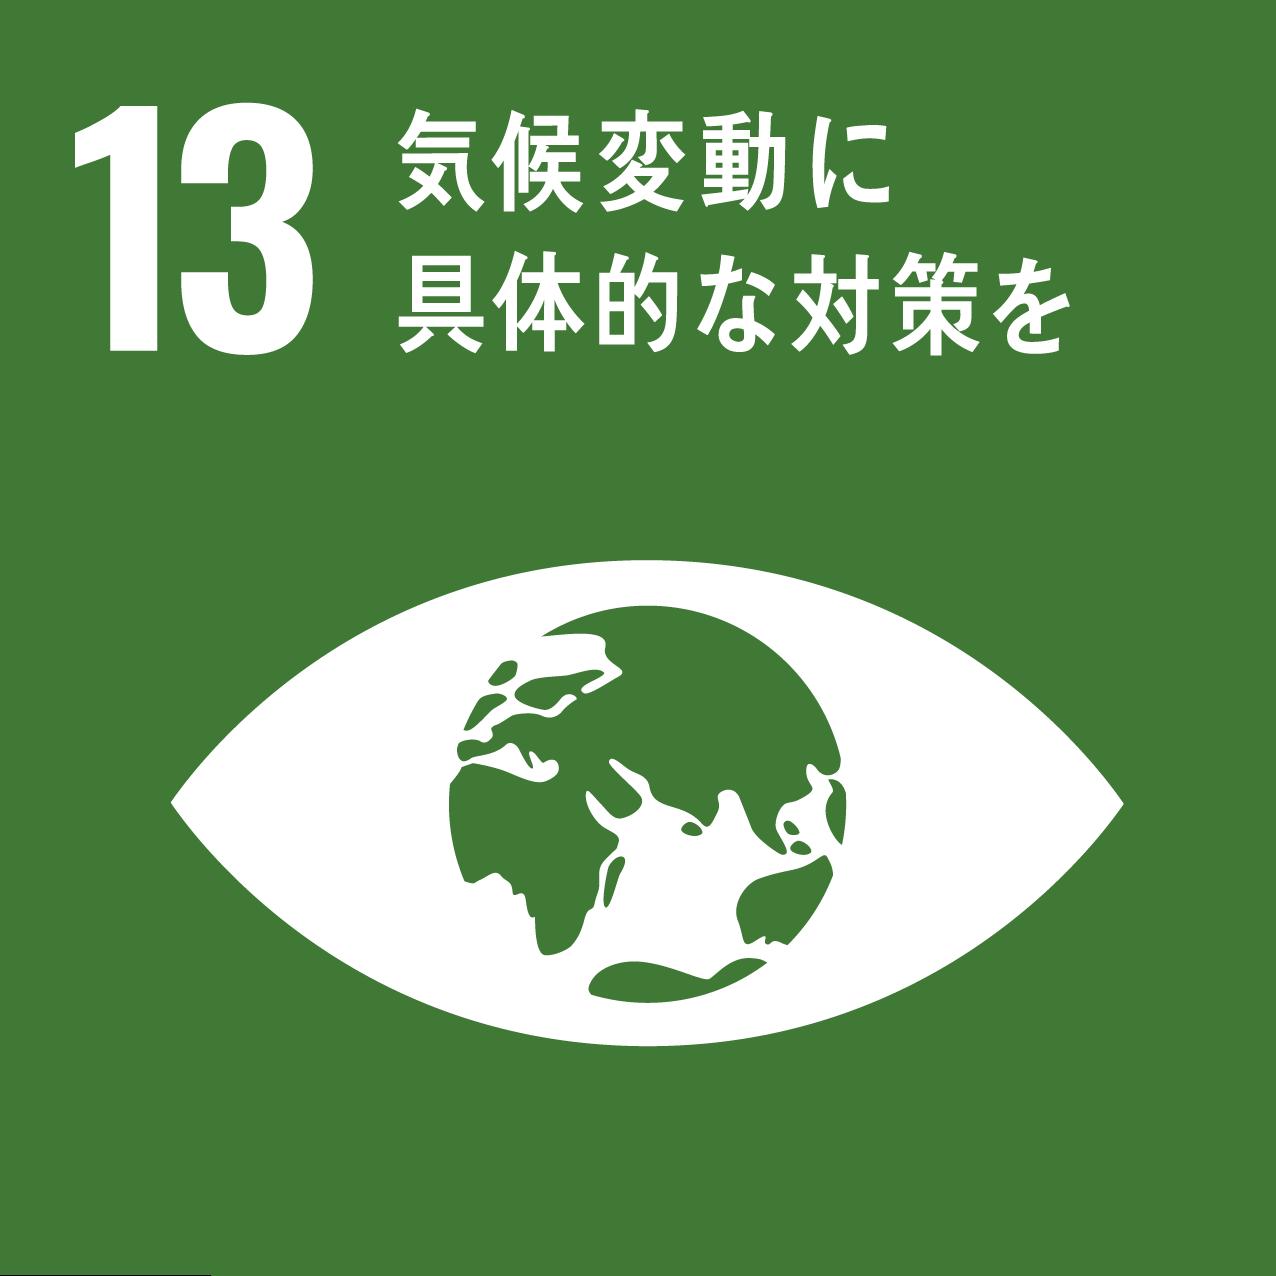 SDGs17のゴール_13